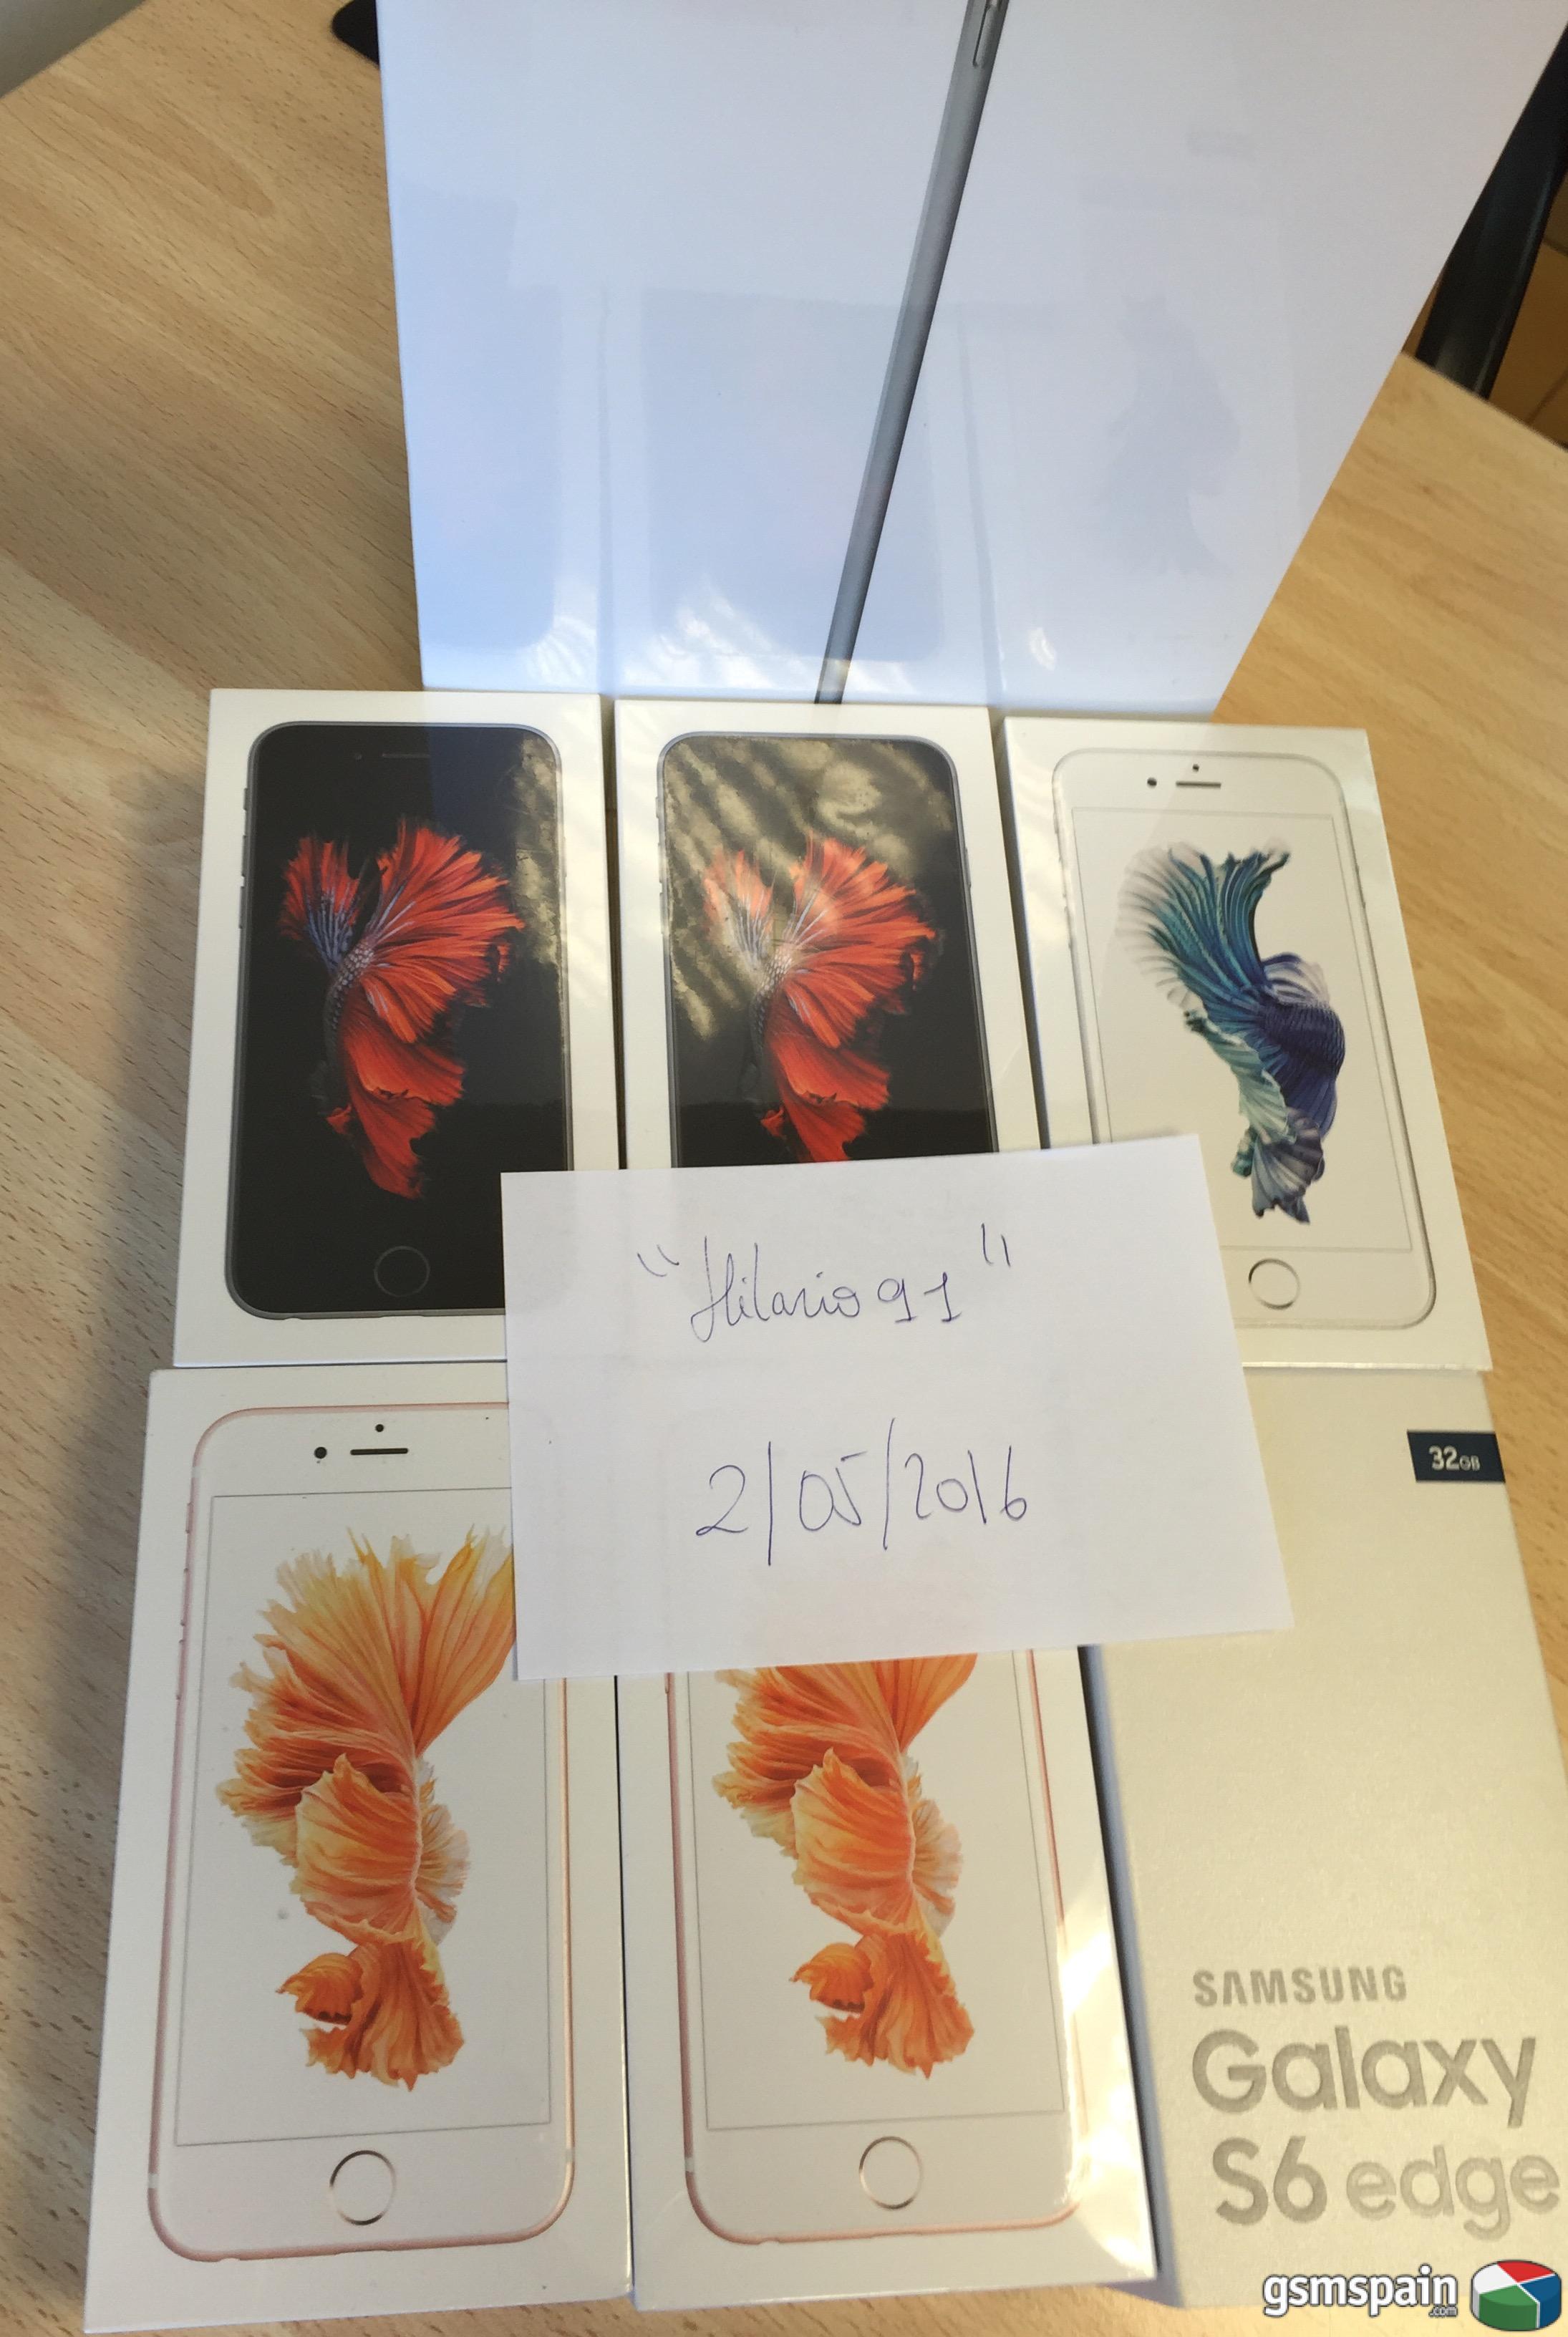 [VENDO] LOS MÁS BARATOS DEL FORO***iPhone 6S 64Gb, iPad Air 2, Samsung Galaxy S6 Edge***